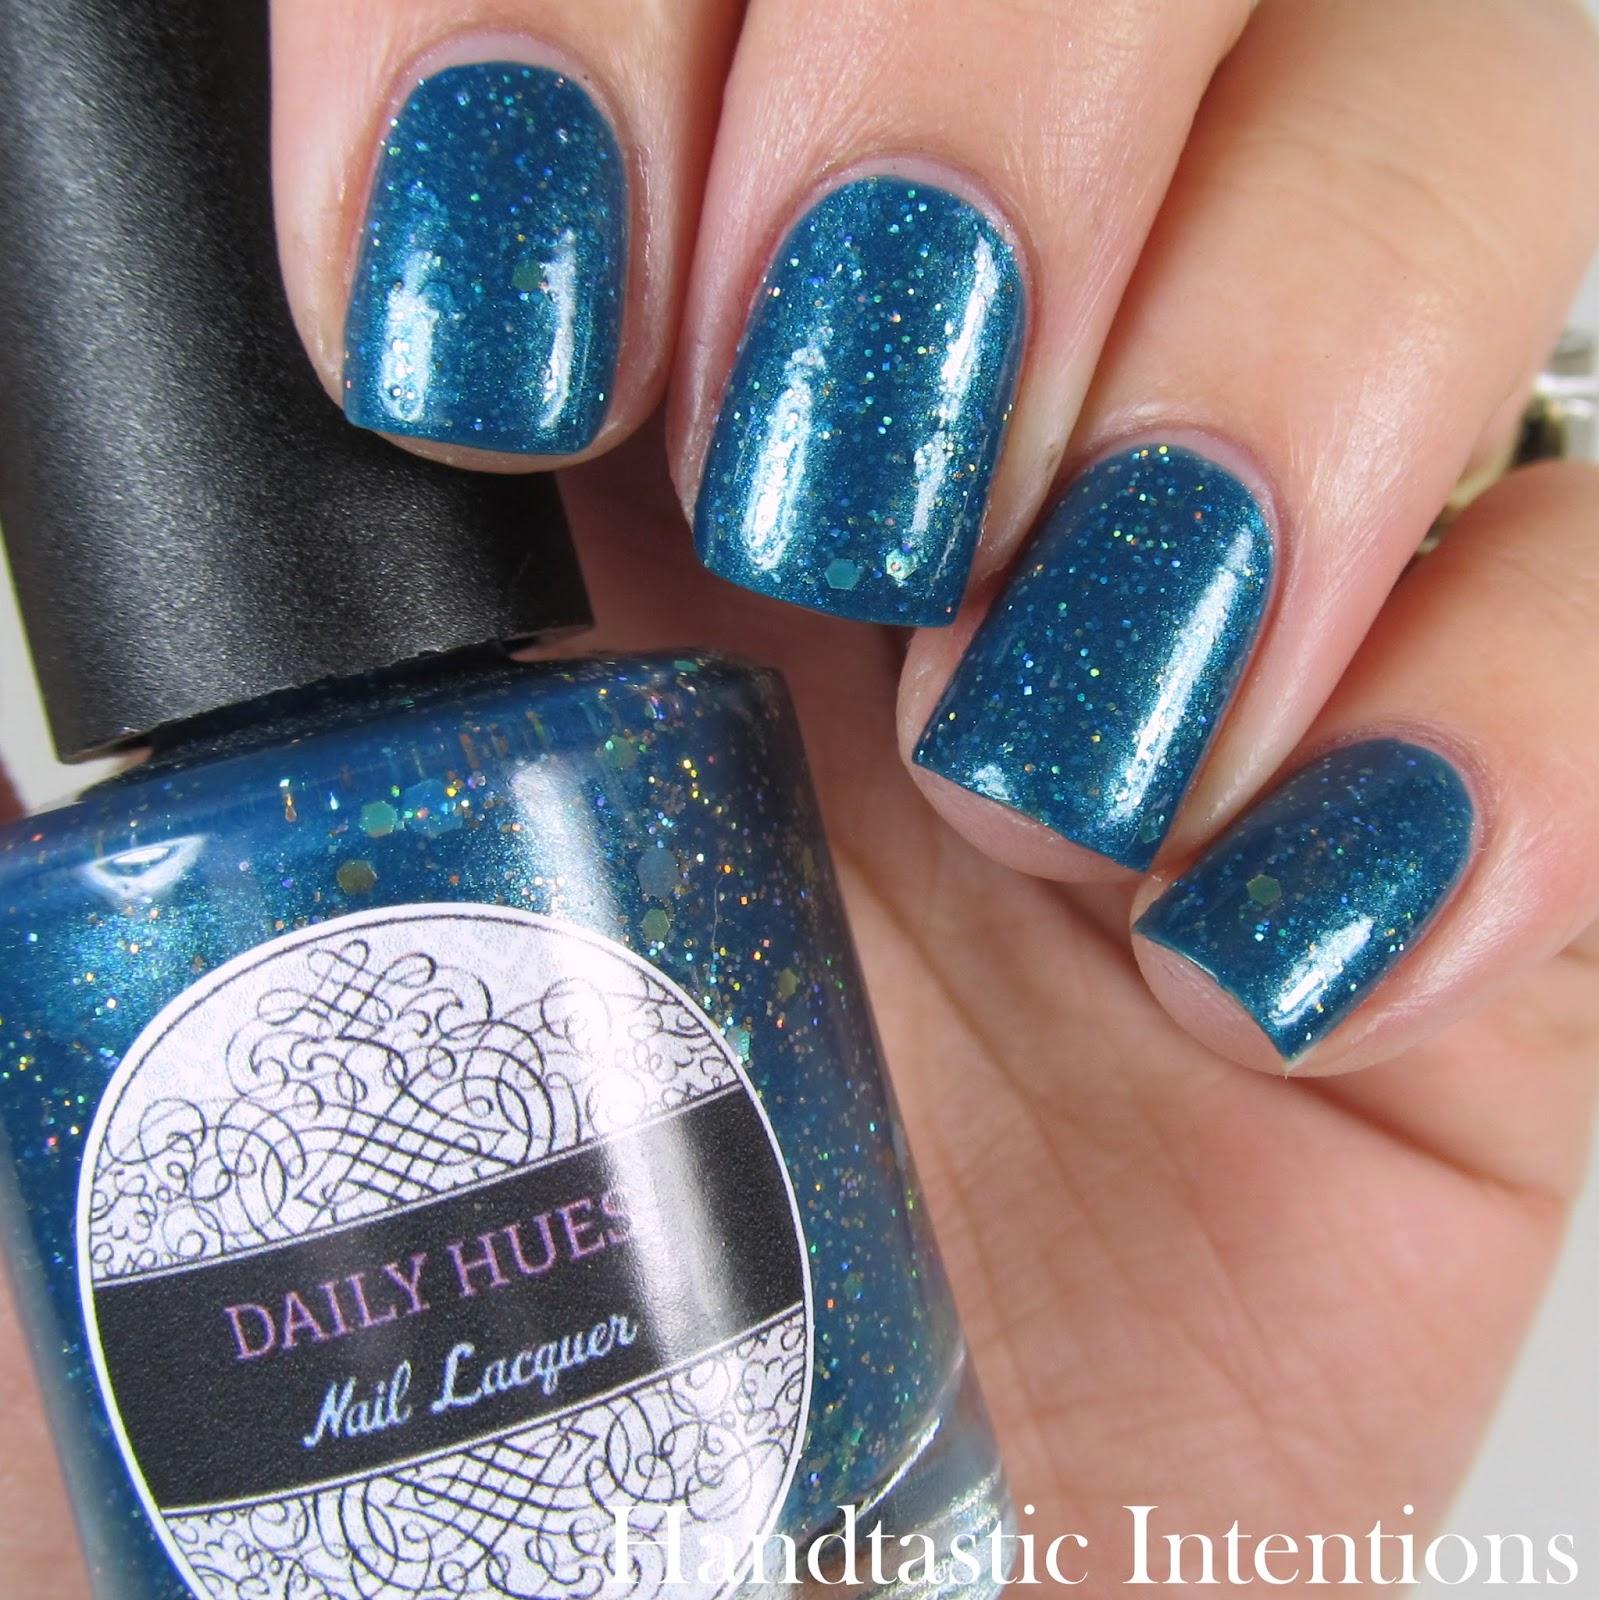 Daily-Hues-Nail-Lacquer-Andrea-Review